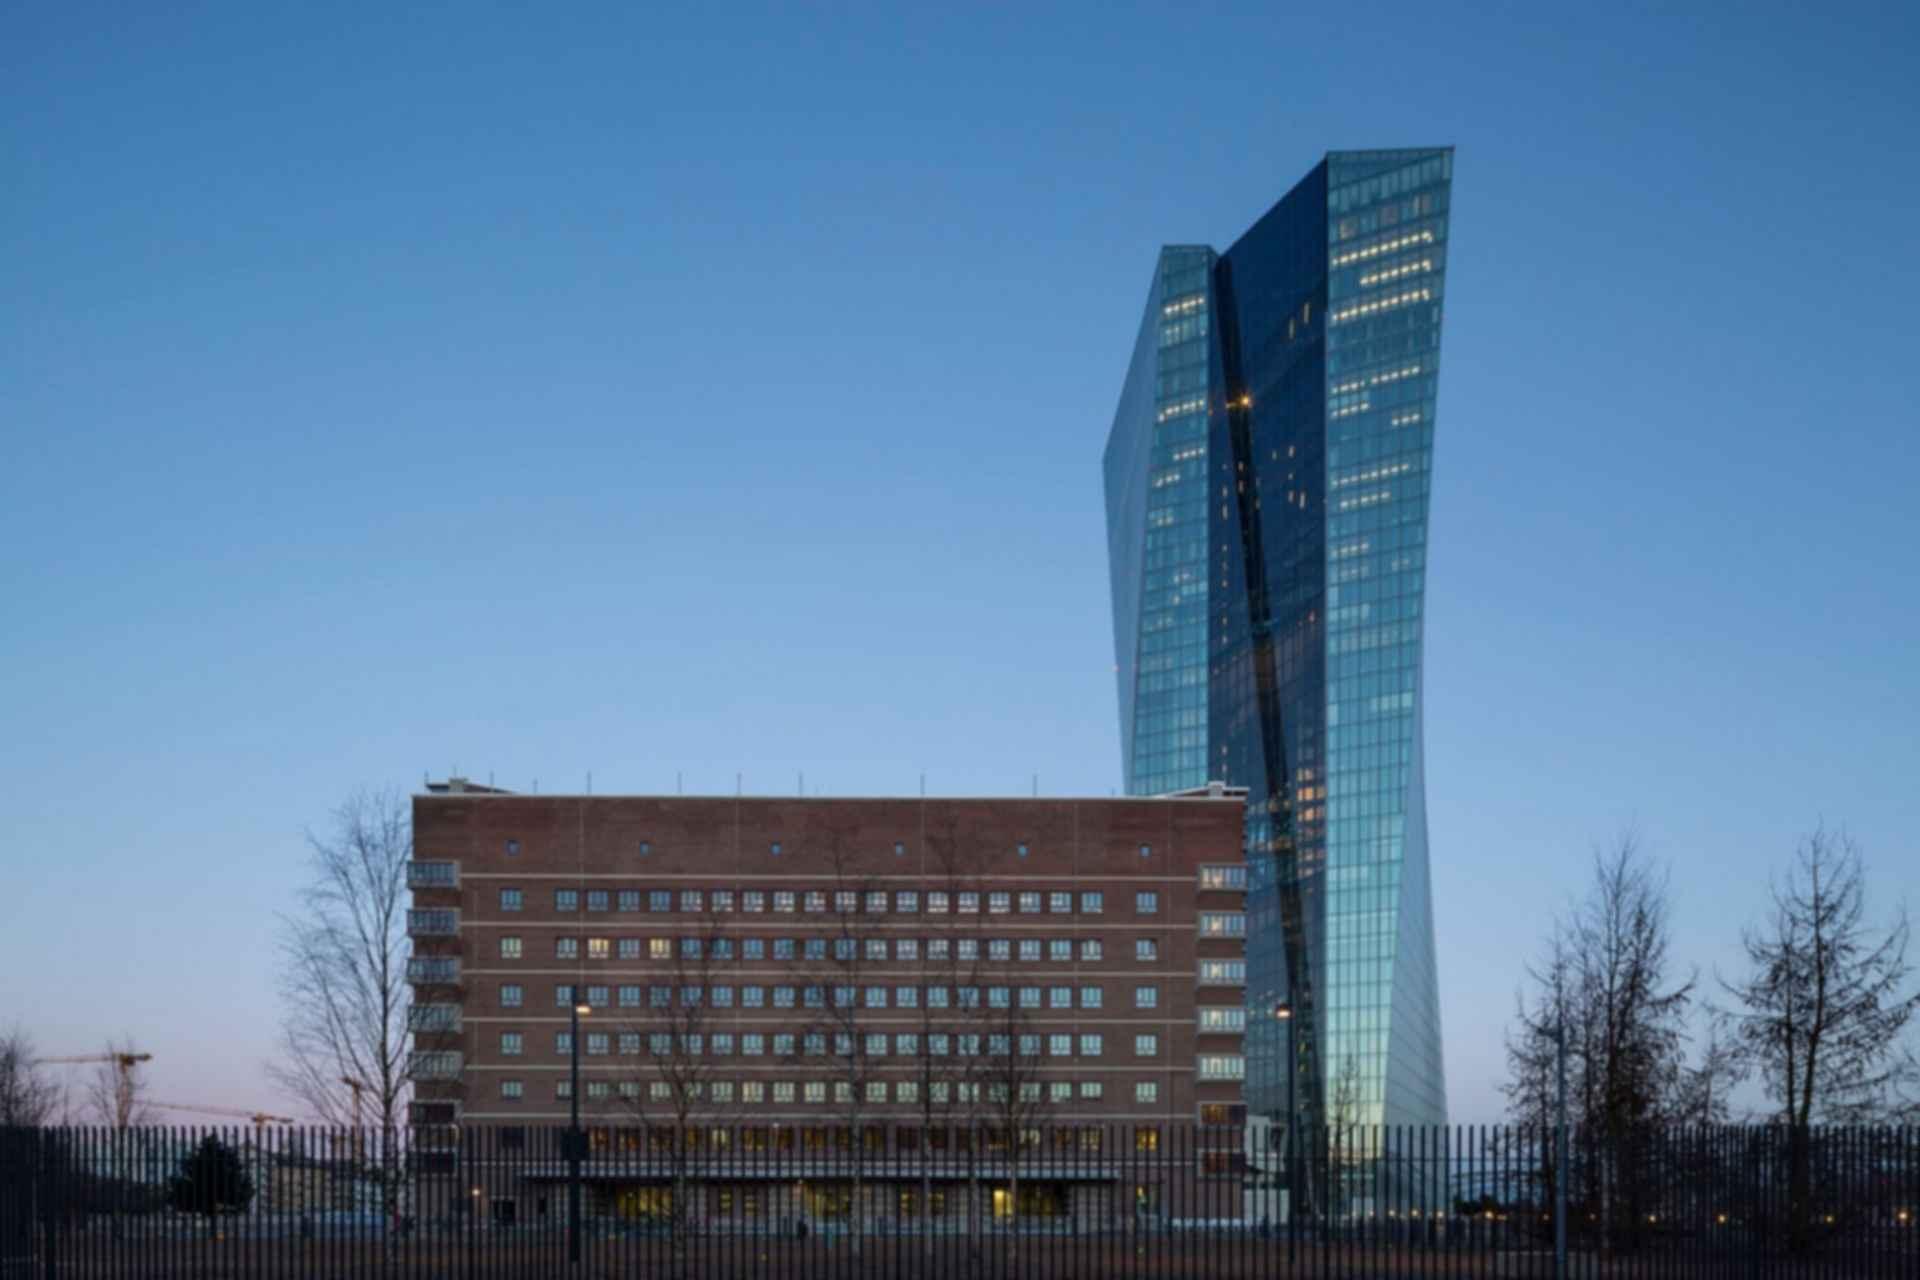 European Central Bank - exterior